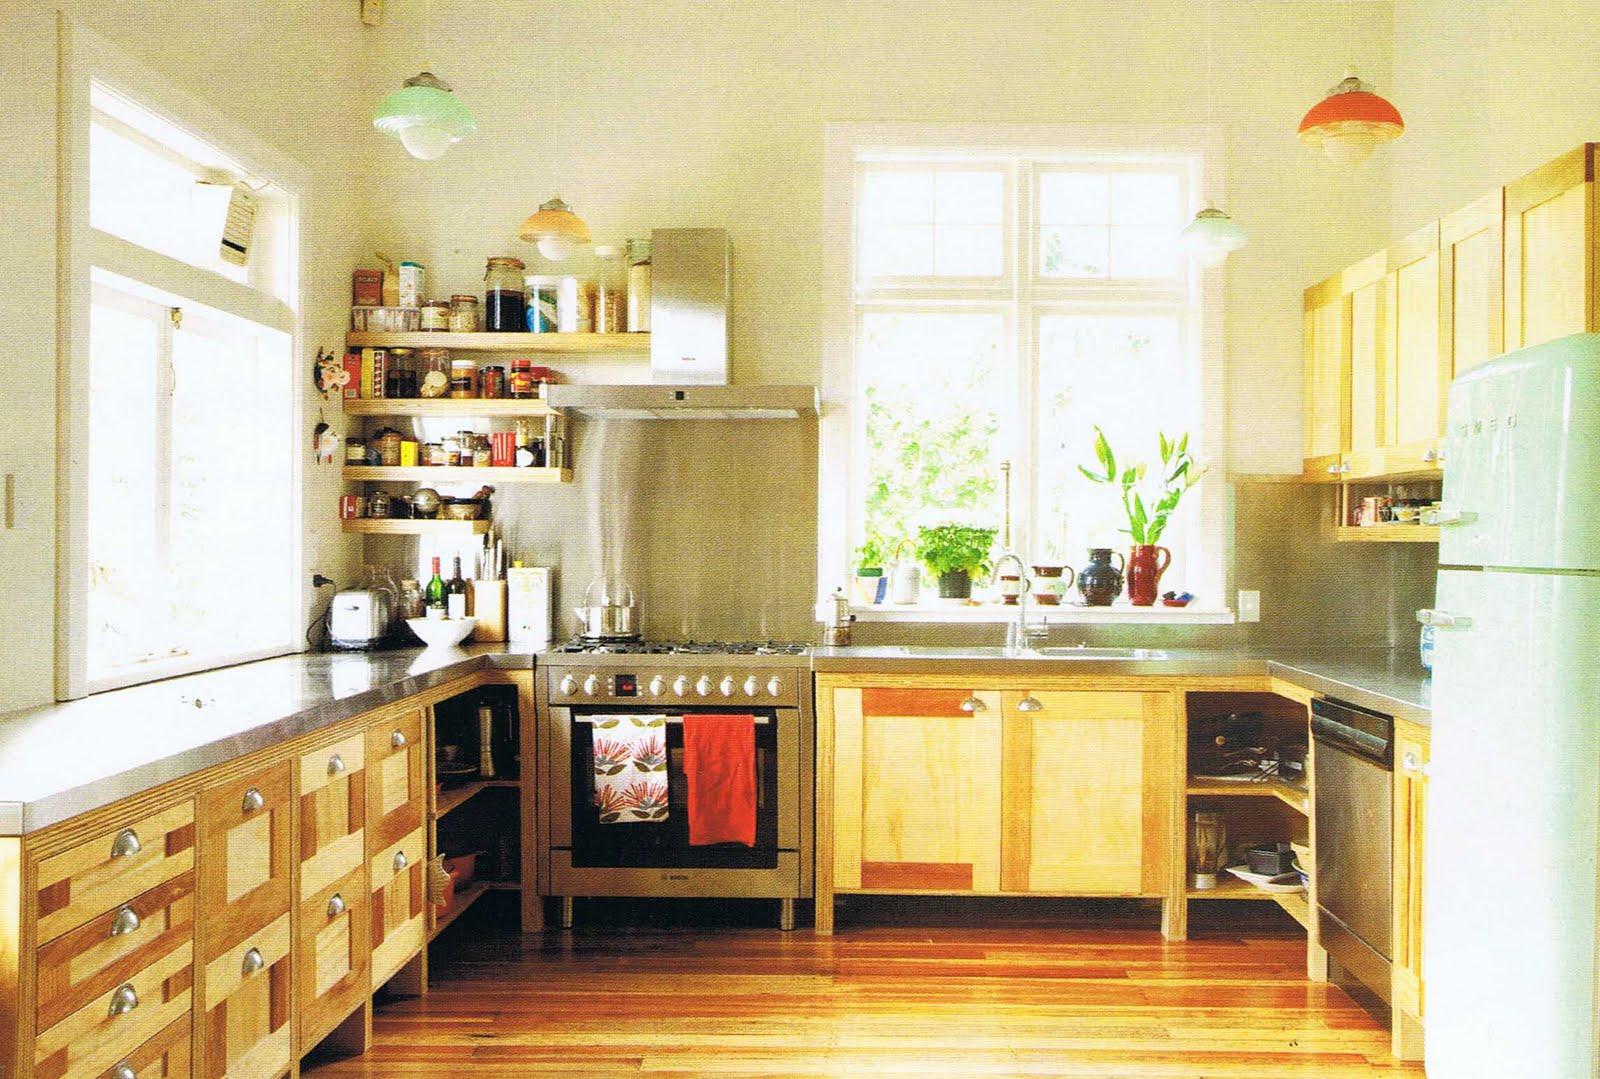 esdesign stylish amp sustainable kitchen design sustainable kitchen design with custom built cabinetry